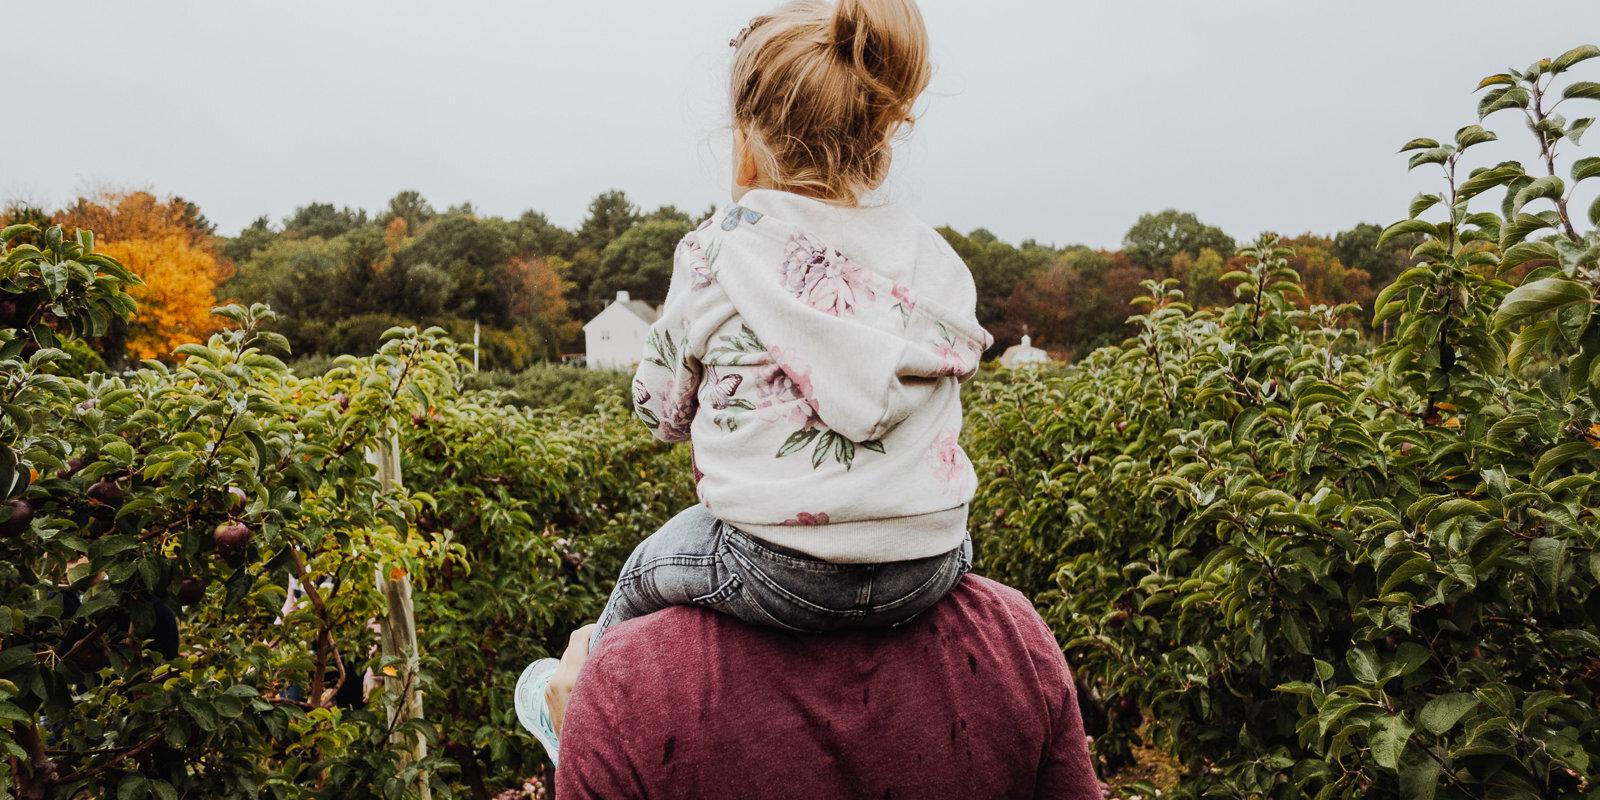 Šūpulī neieliktās prasmes: dzīvot bez tēta un mācīties par tādu būt